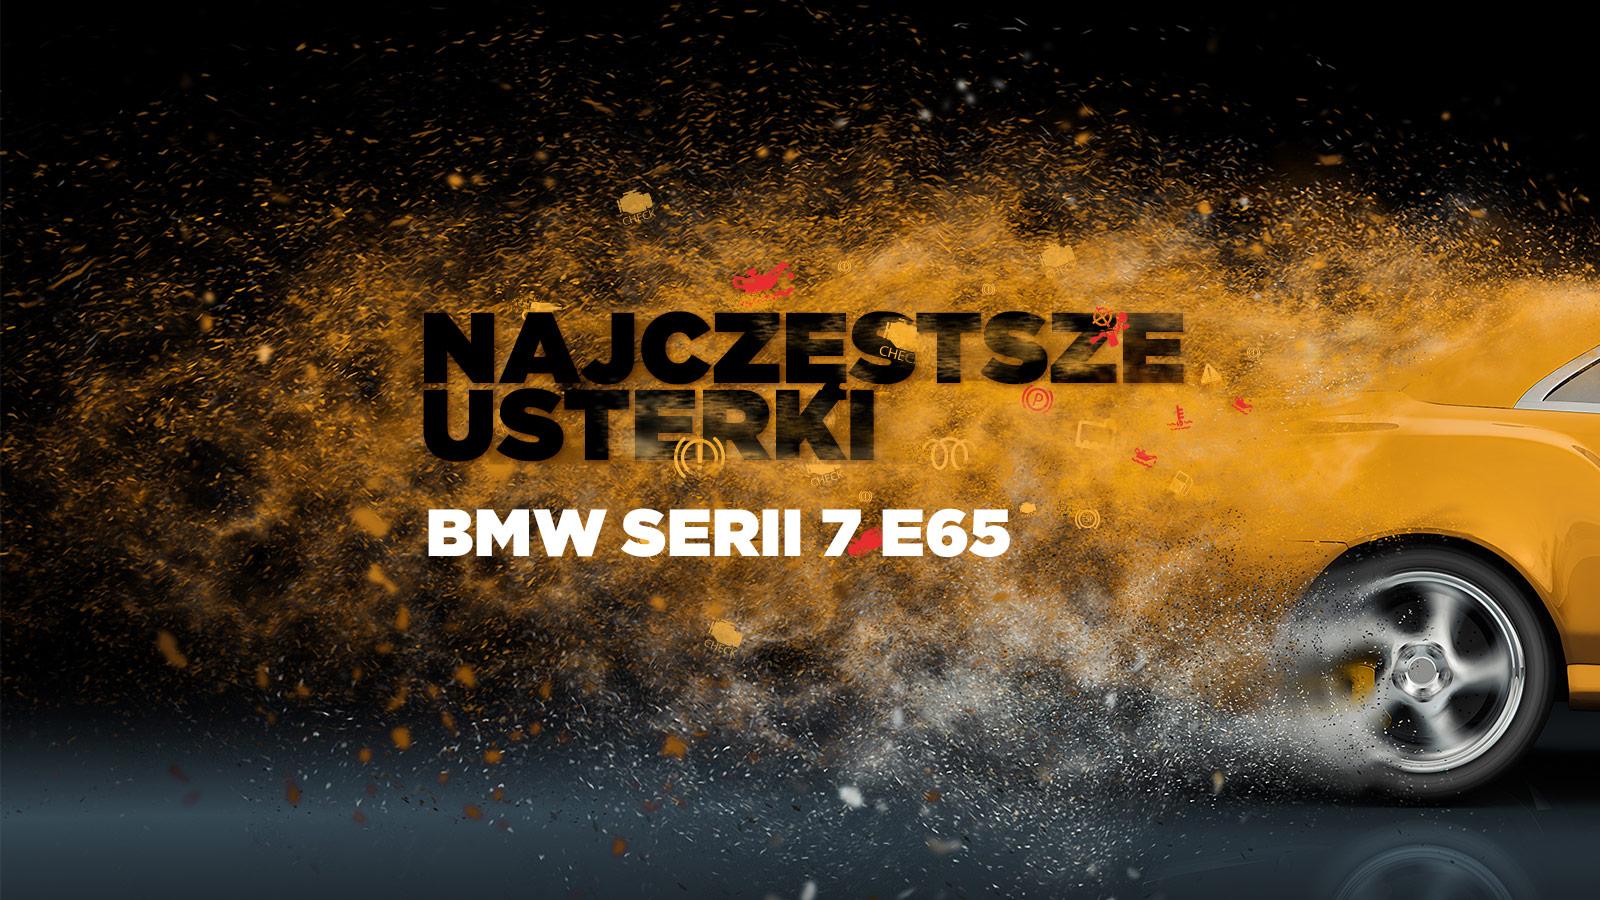 Najczęstsze usterki BMW serii 7 E65